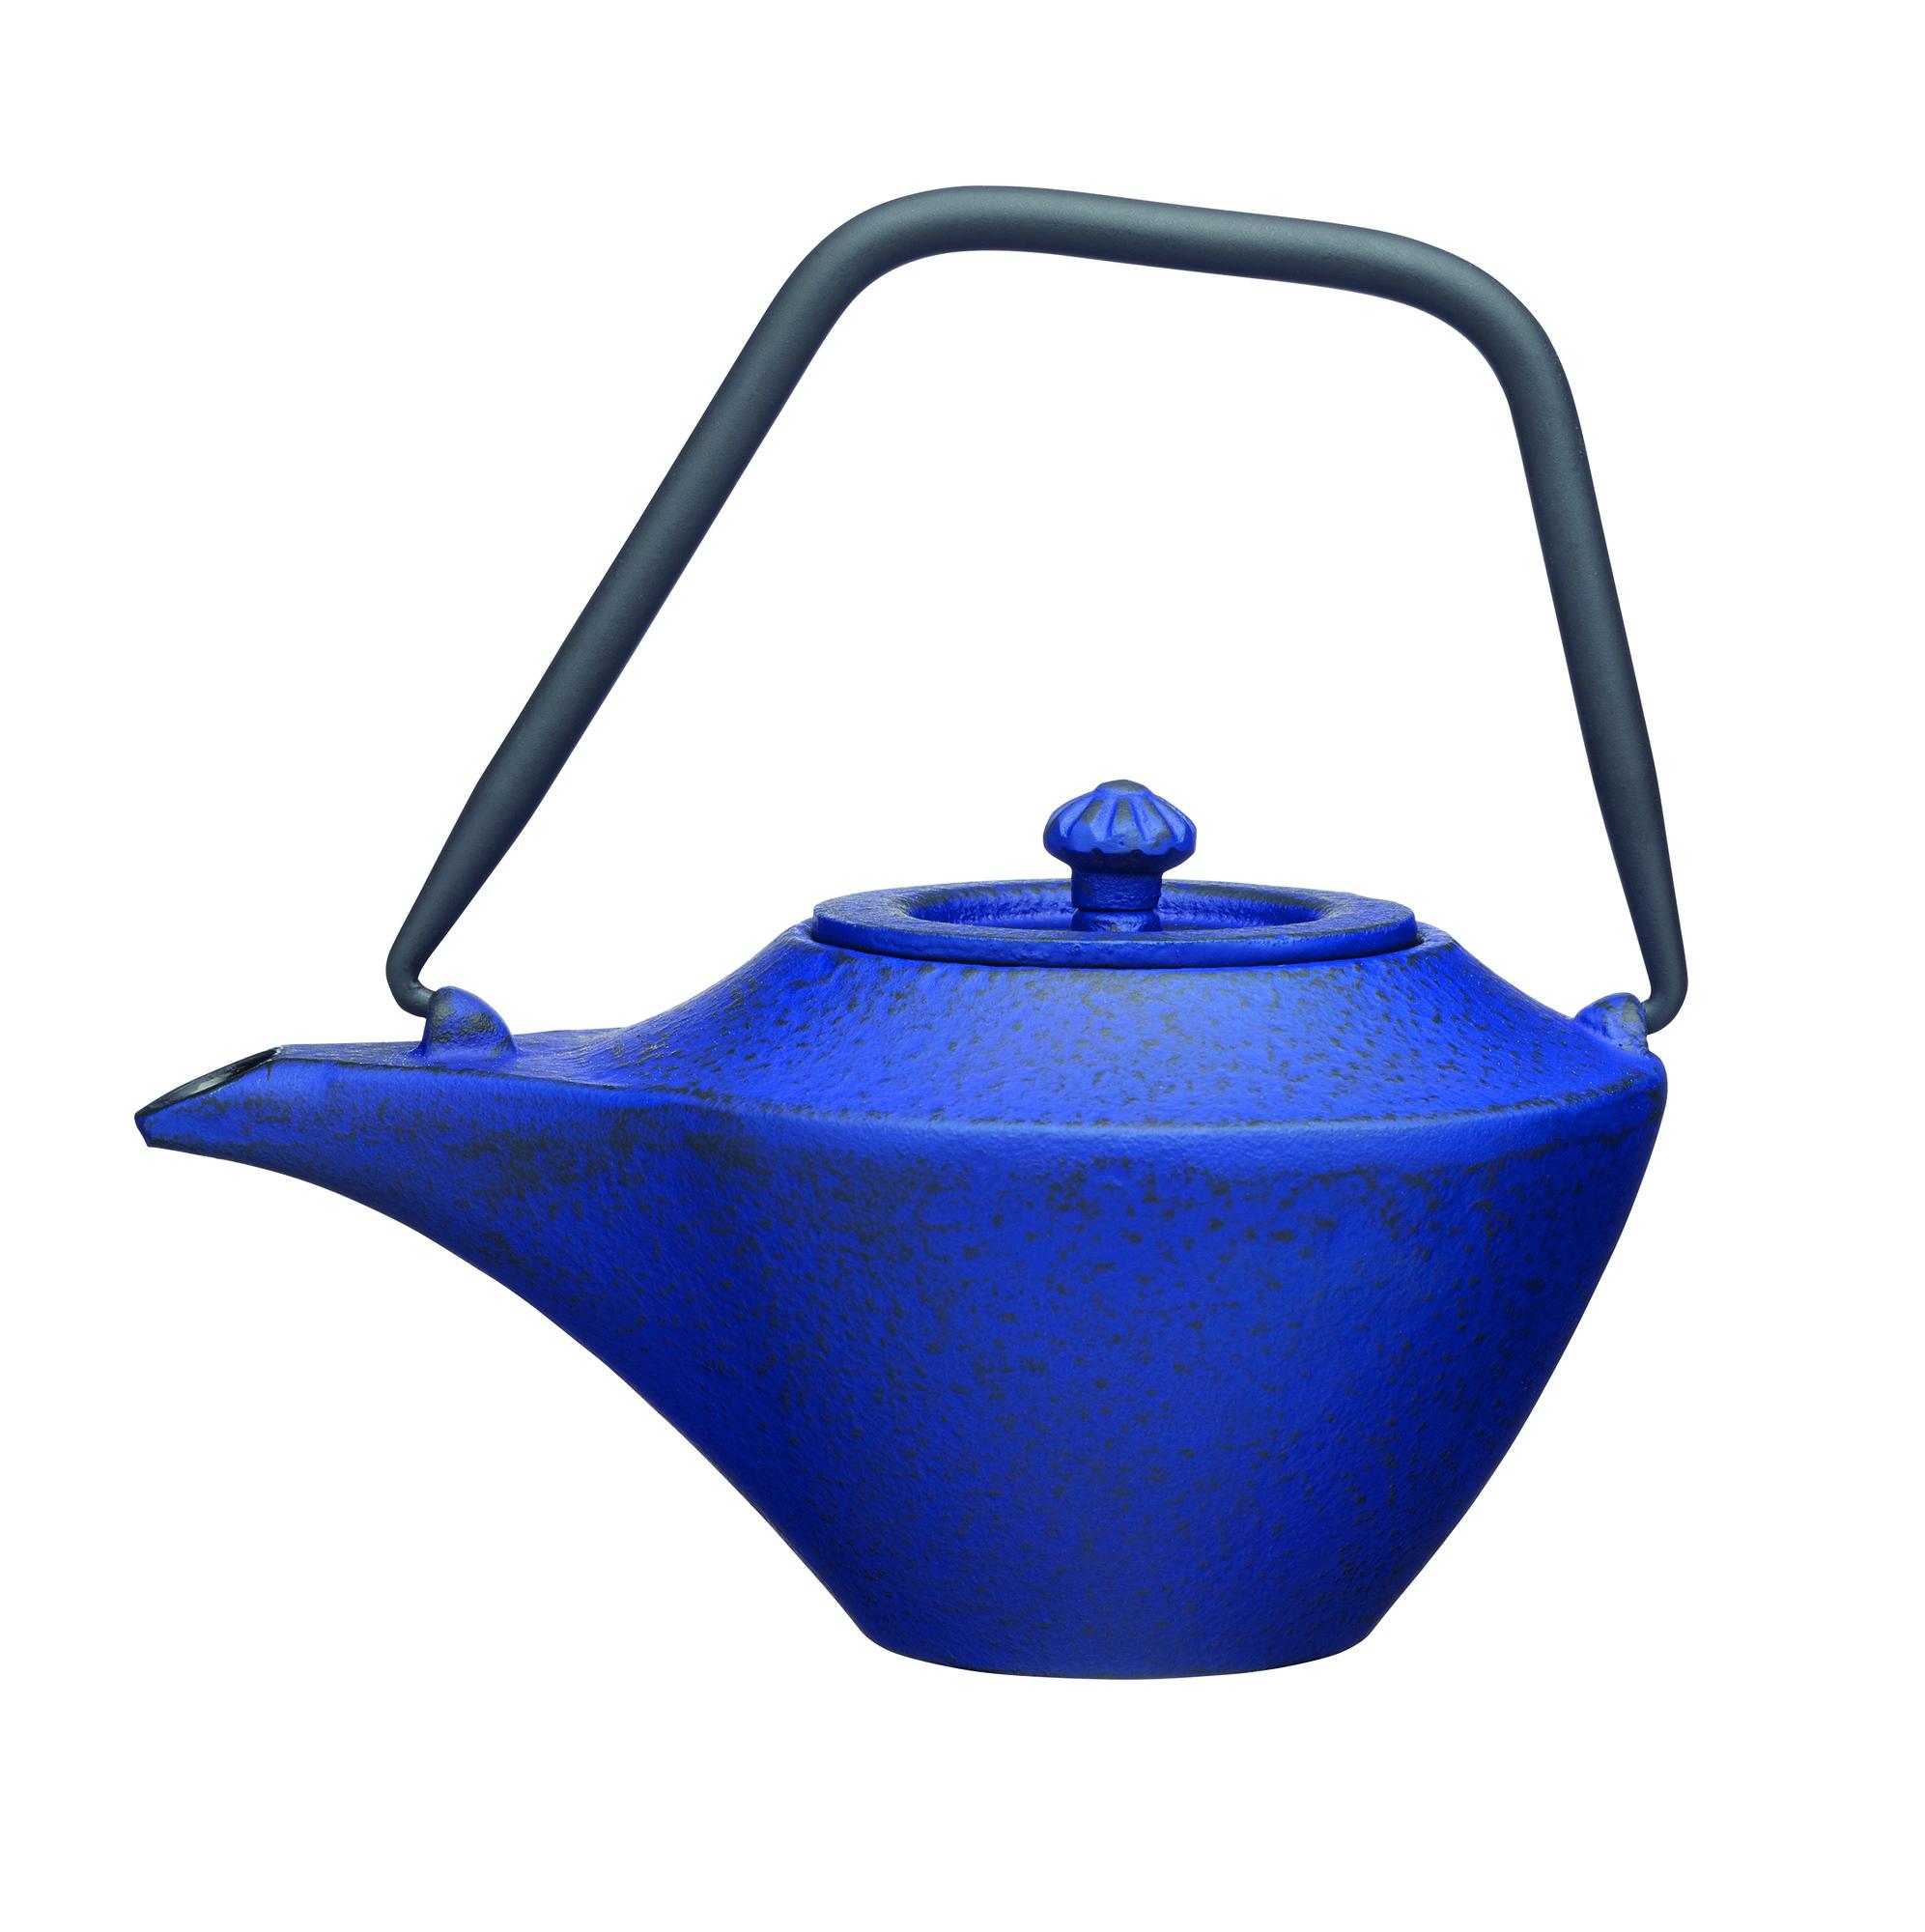 Teapot, £32.88, KitchenCraft